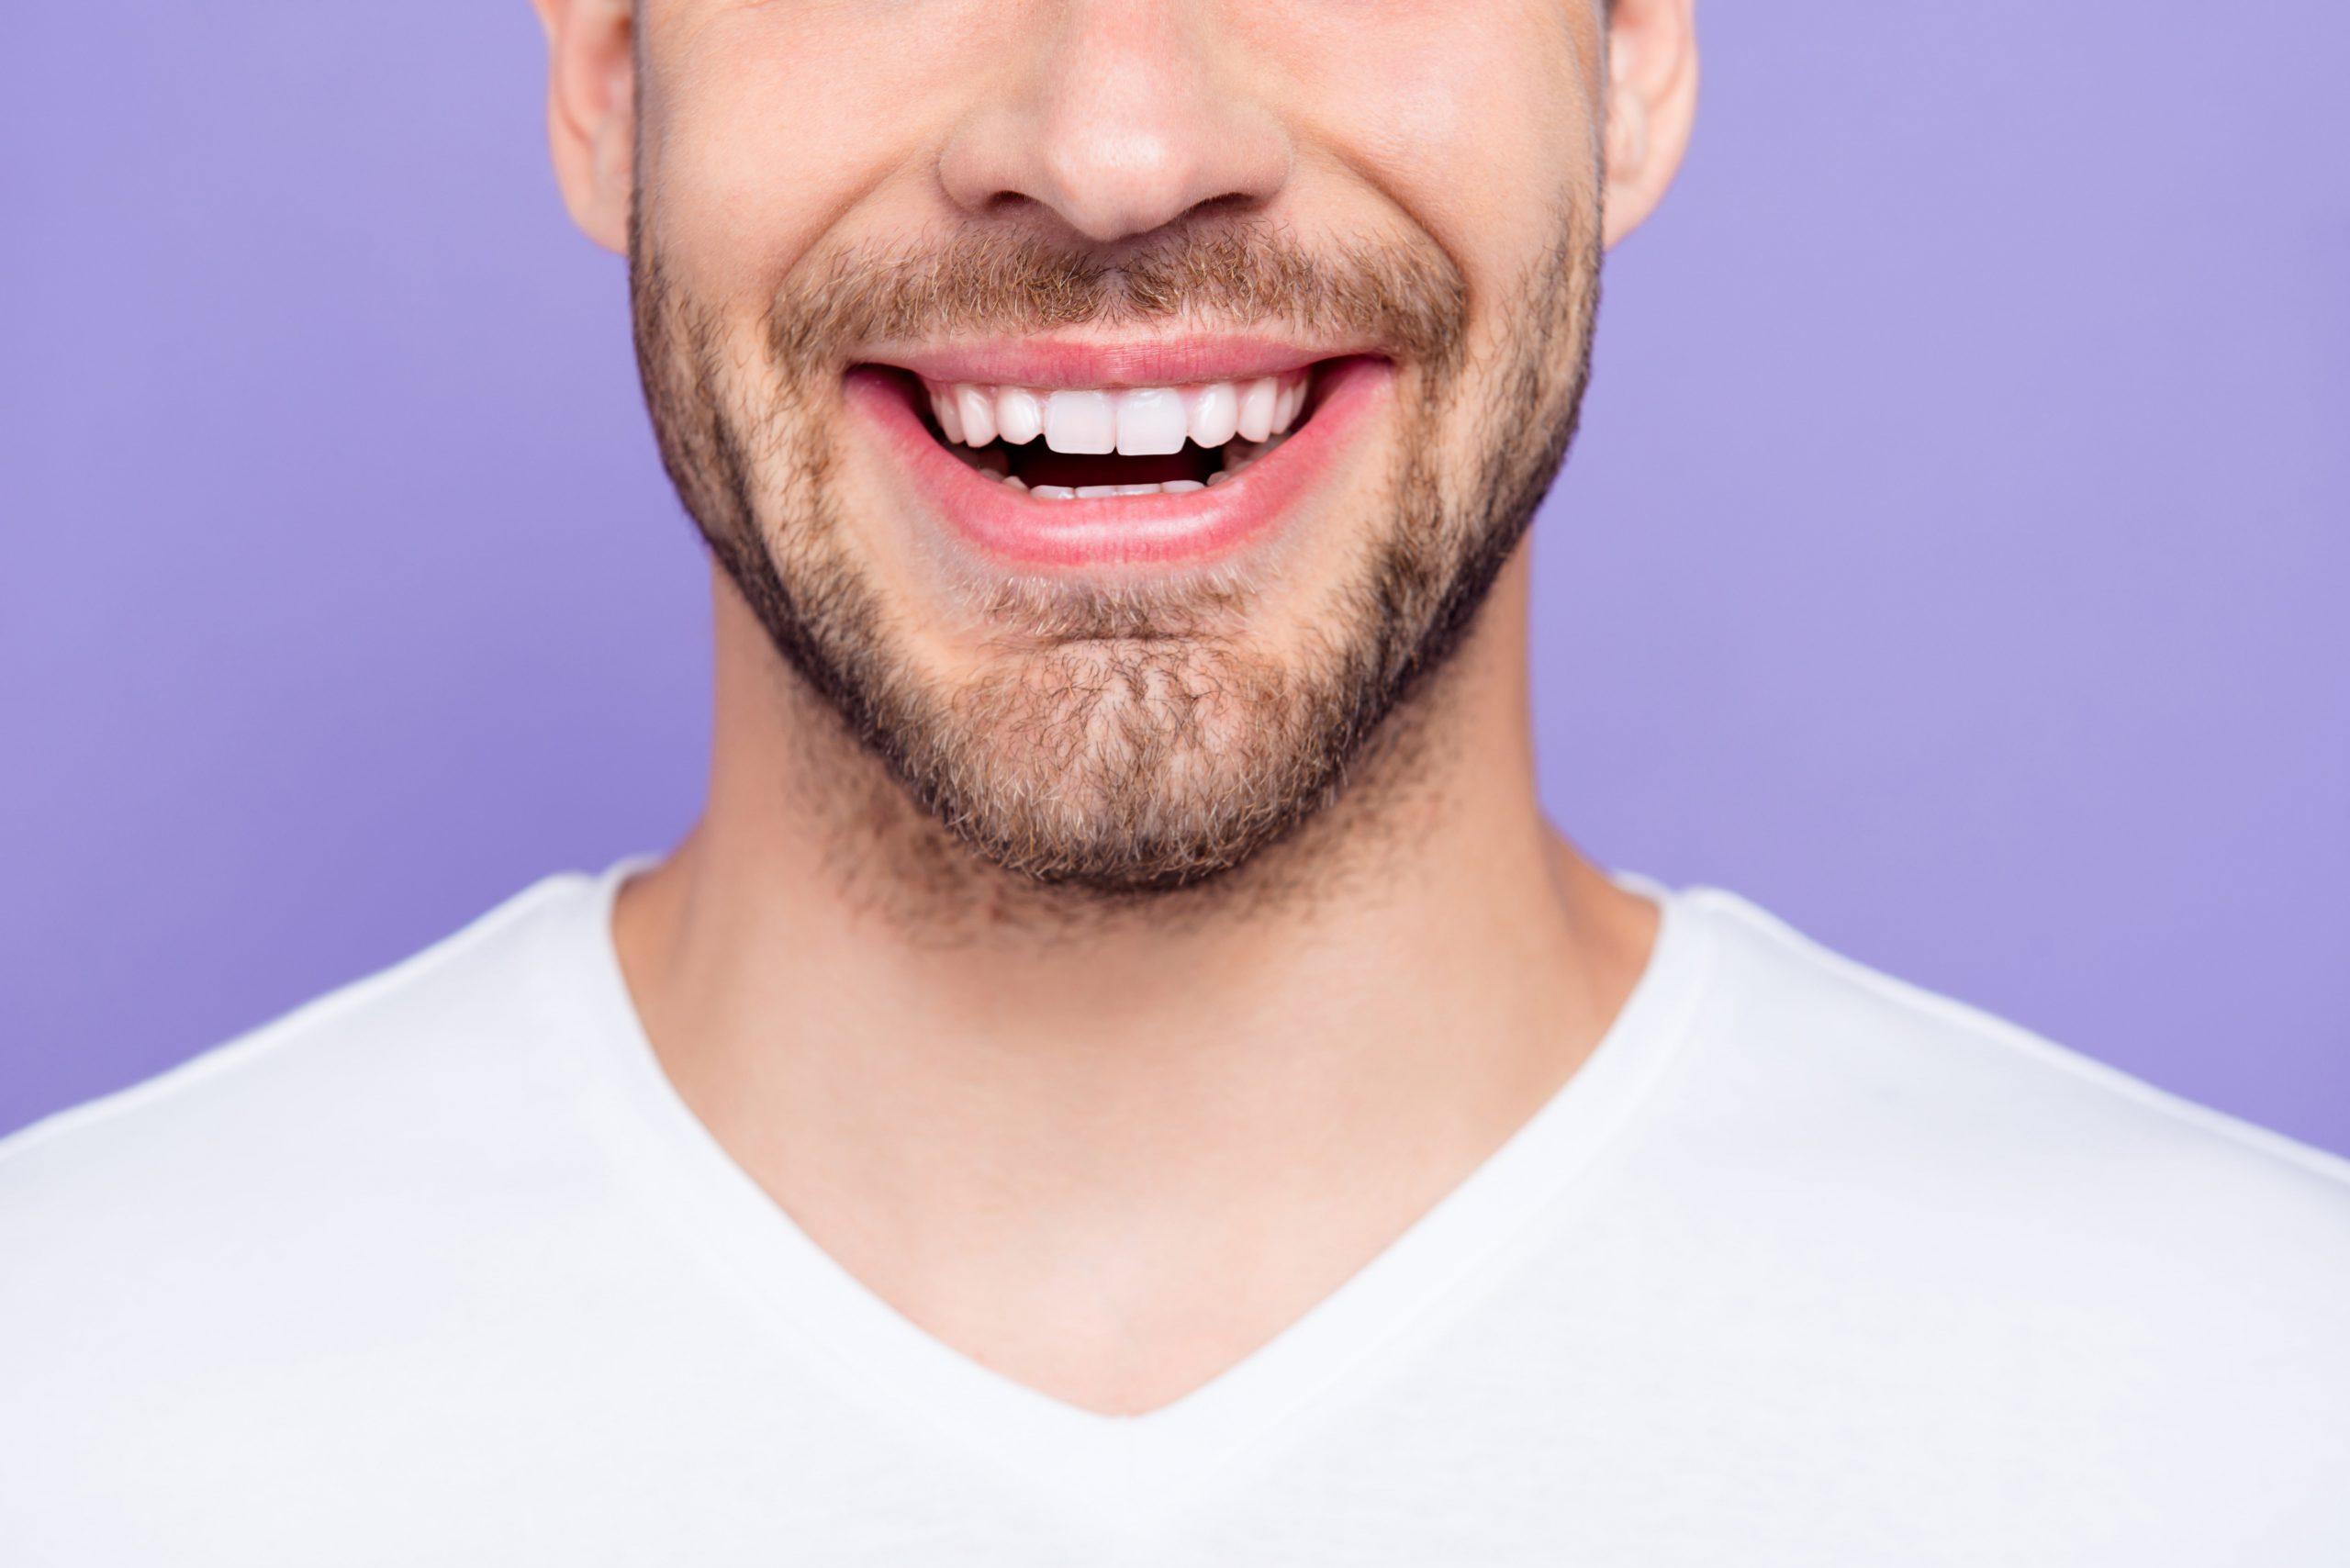 dentist specialist in dorking